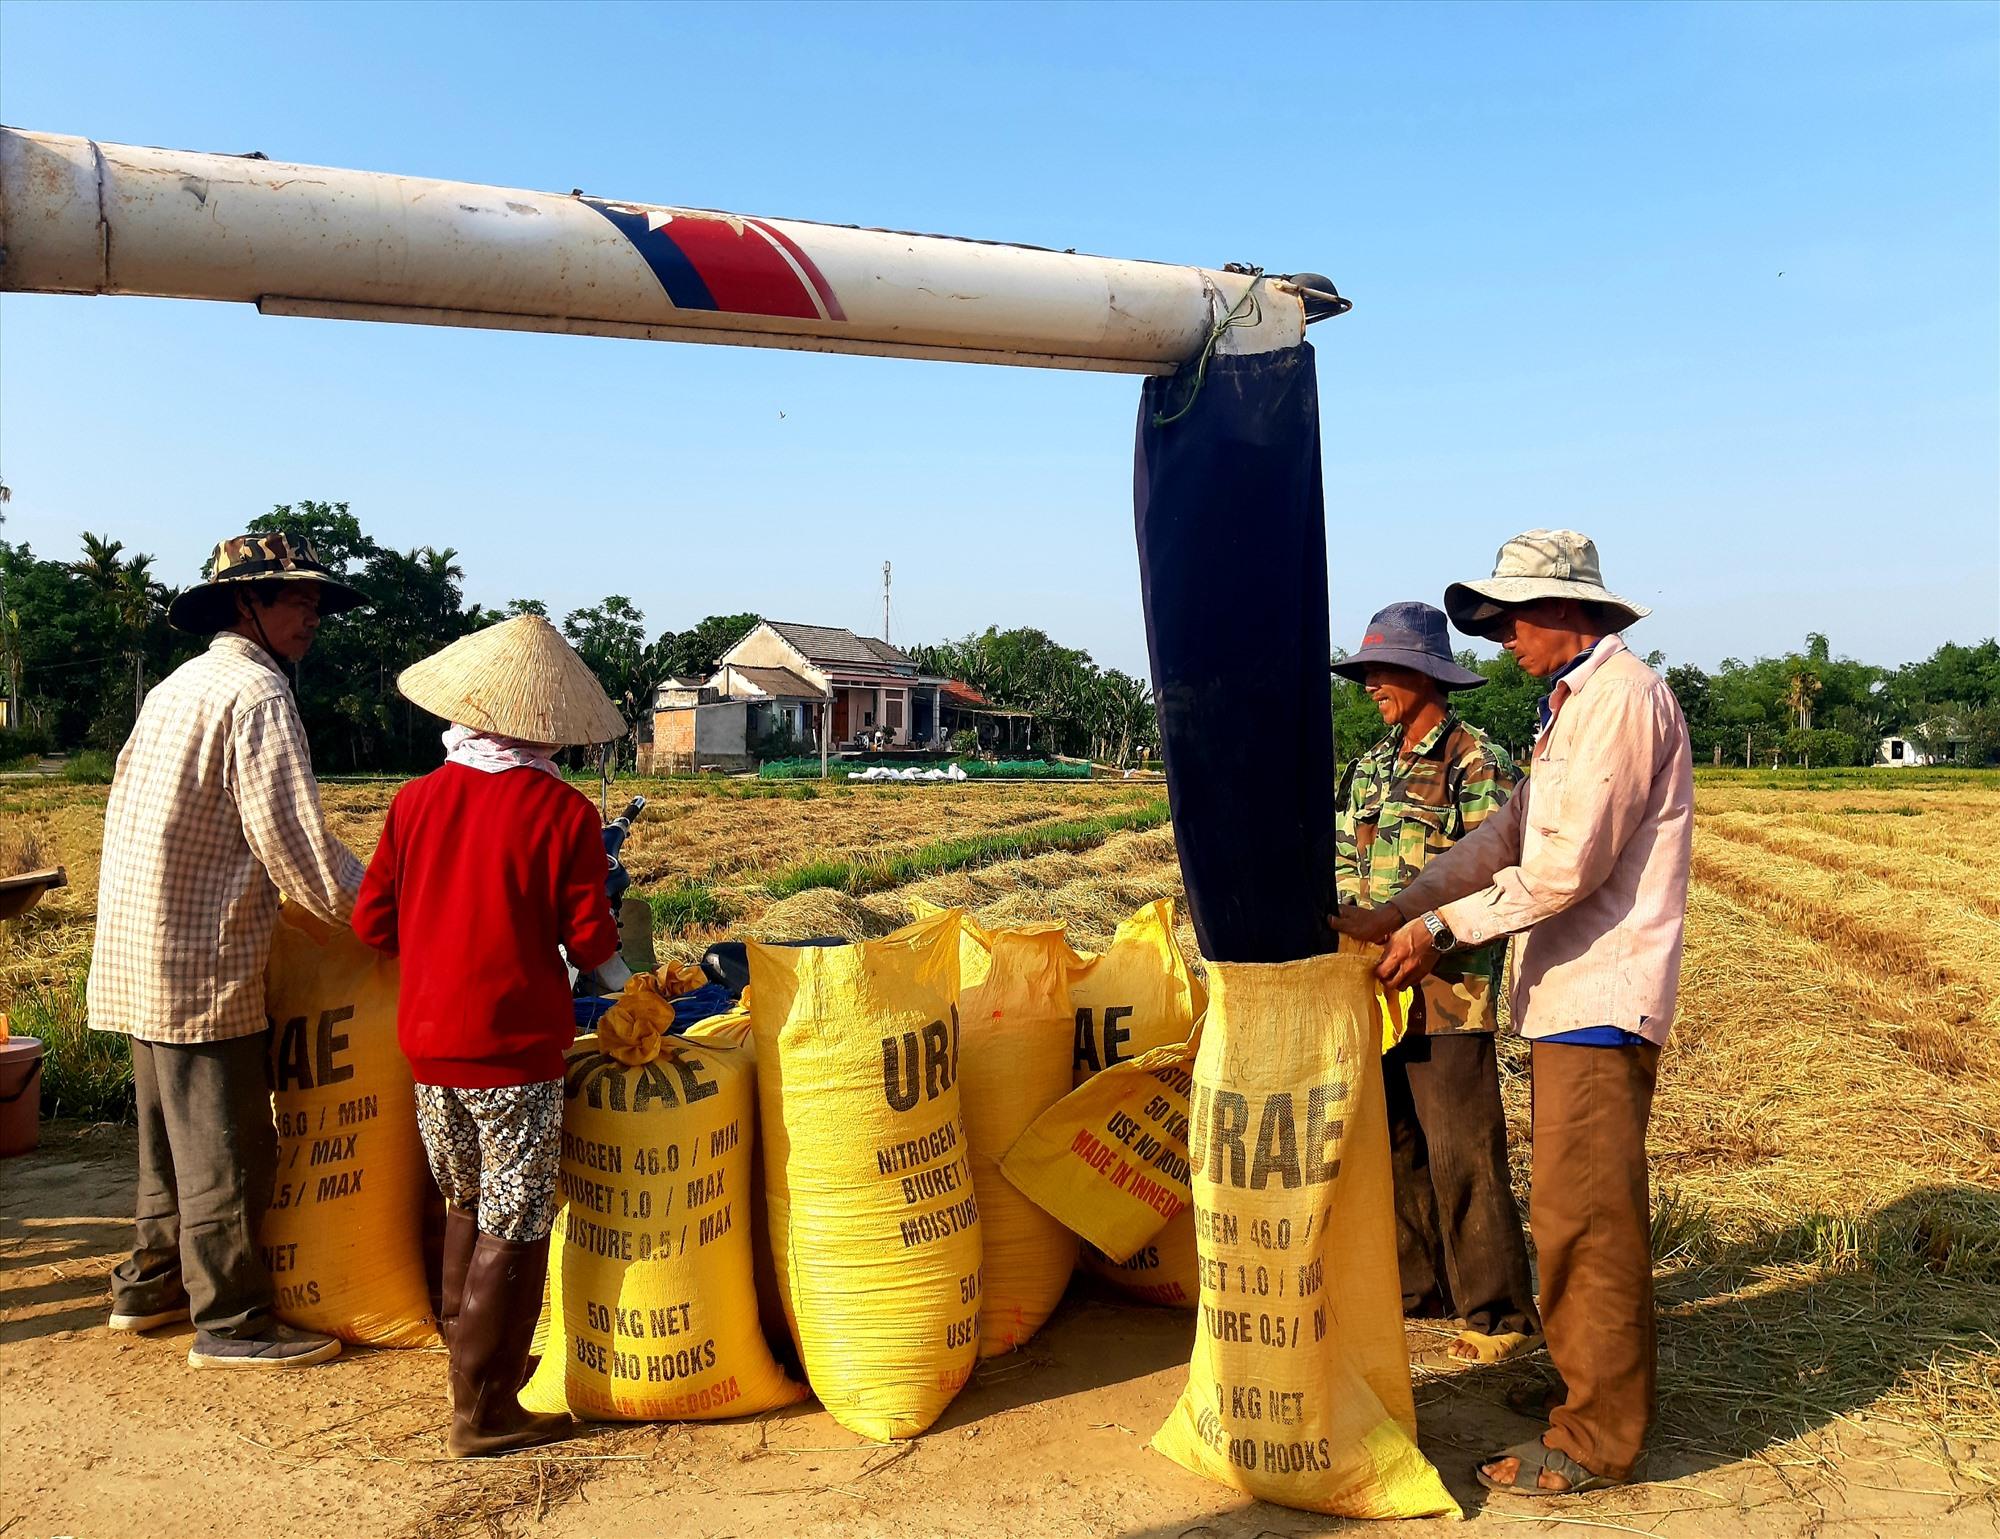 Nông dân các xã vùng Đông của Quế Sơn đẩy mạnh việc liên kết với các doanh nghiệp sản xuất lúa giống hàng hóa nhằm tạo đầu ra ổn định cho sản phẩm và nâng cao hiệu quả kinh tế. Ảnh: N.S